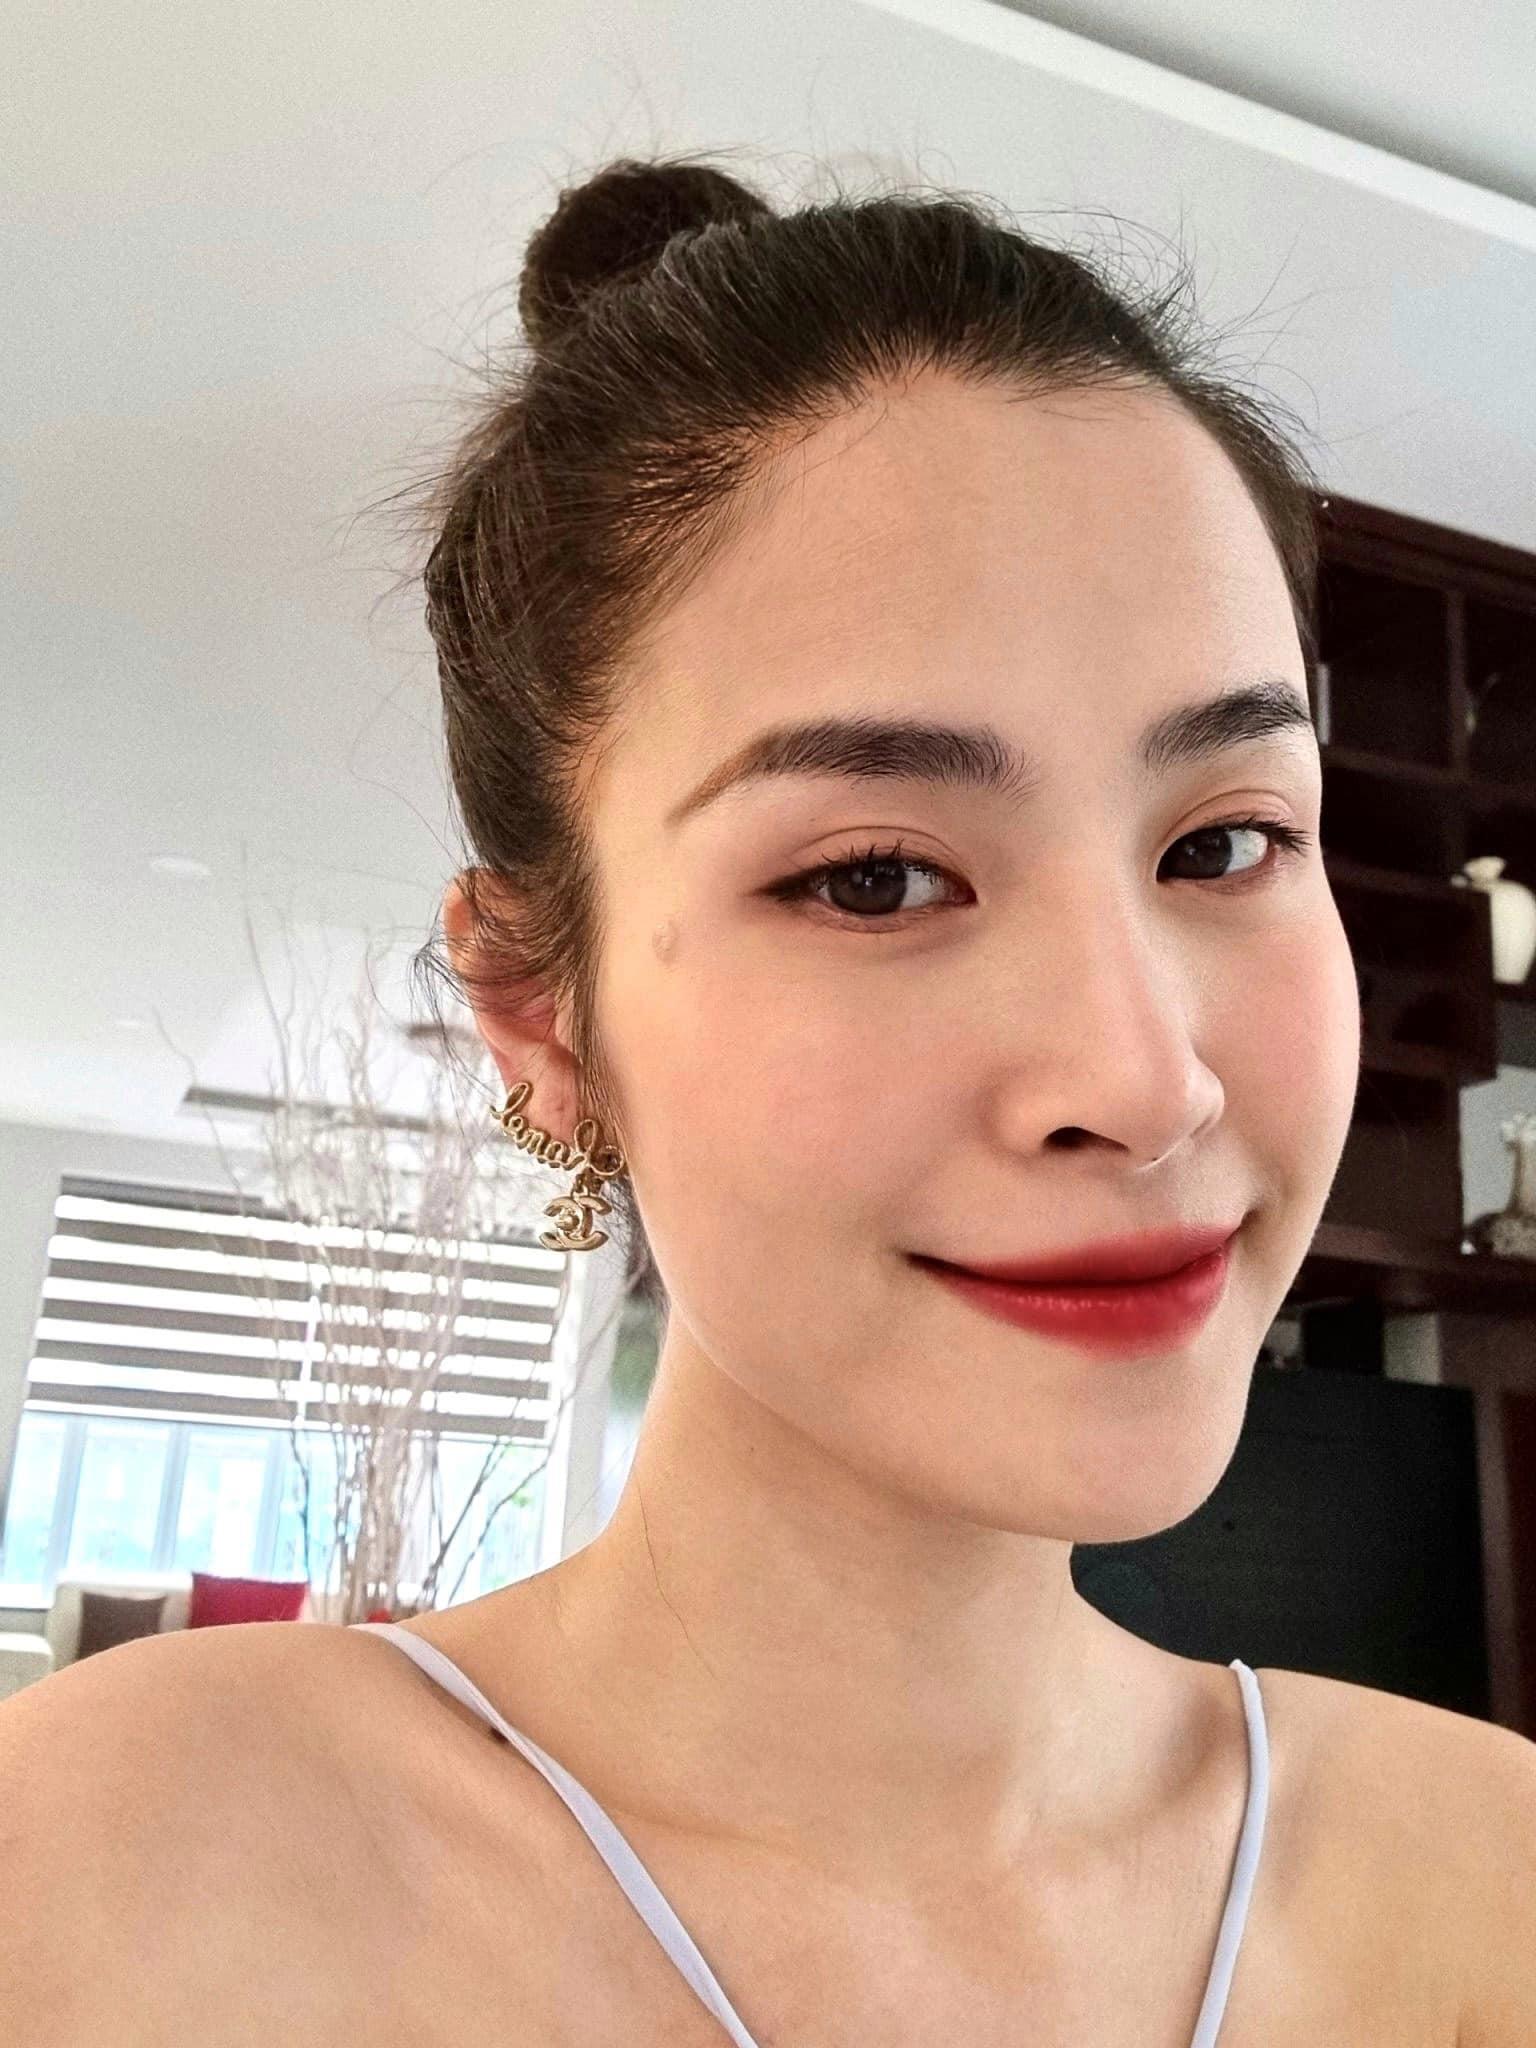 Tin sao Việt: Thành Trung từng không được ủng hộ đến với bà xã